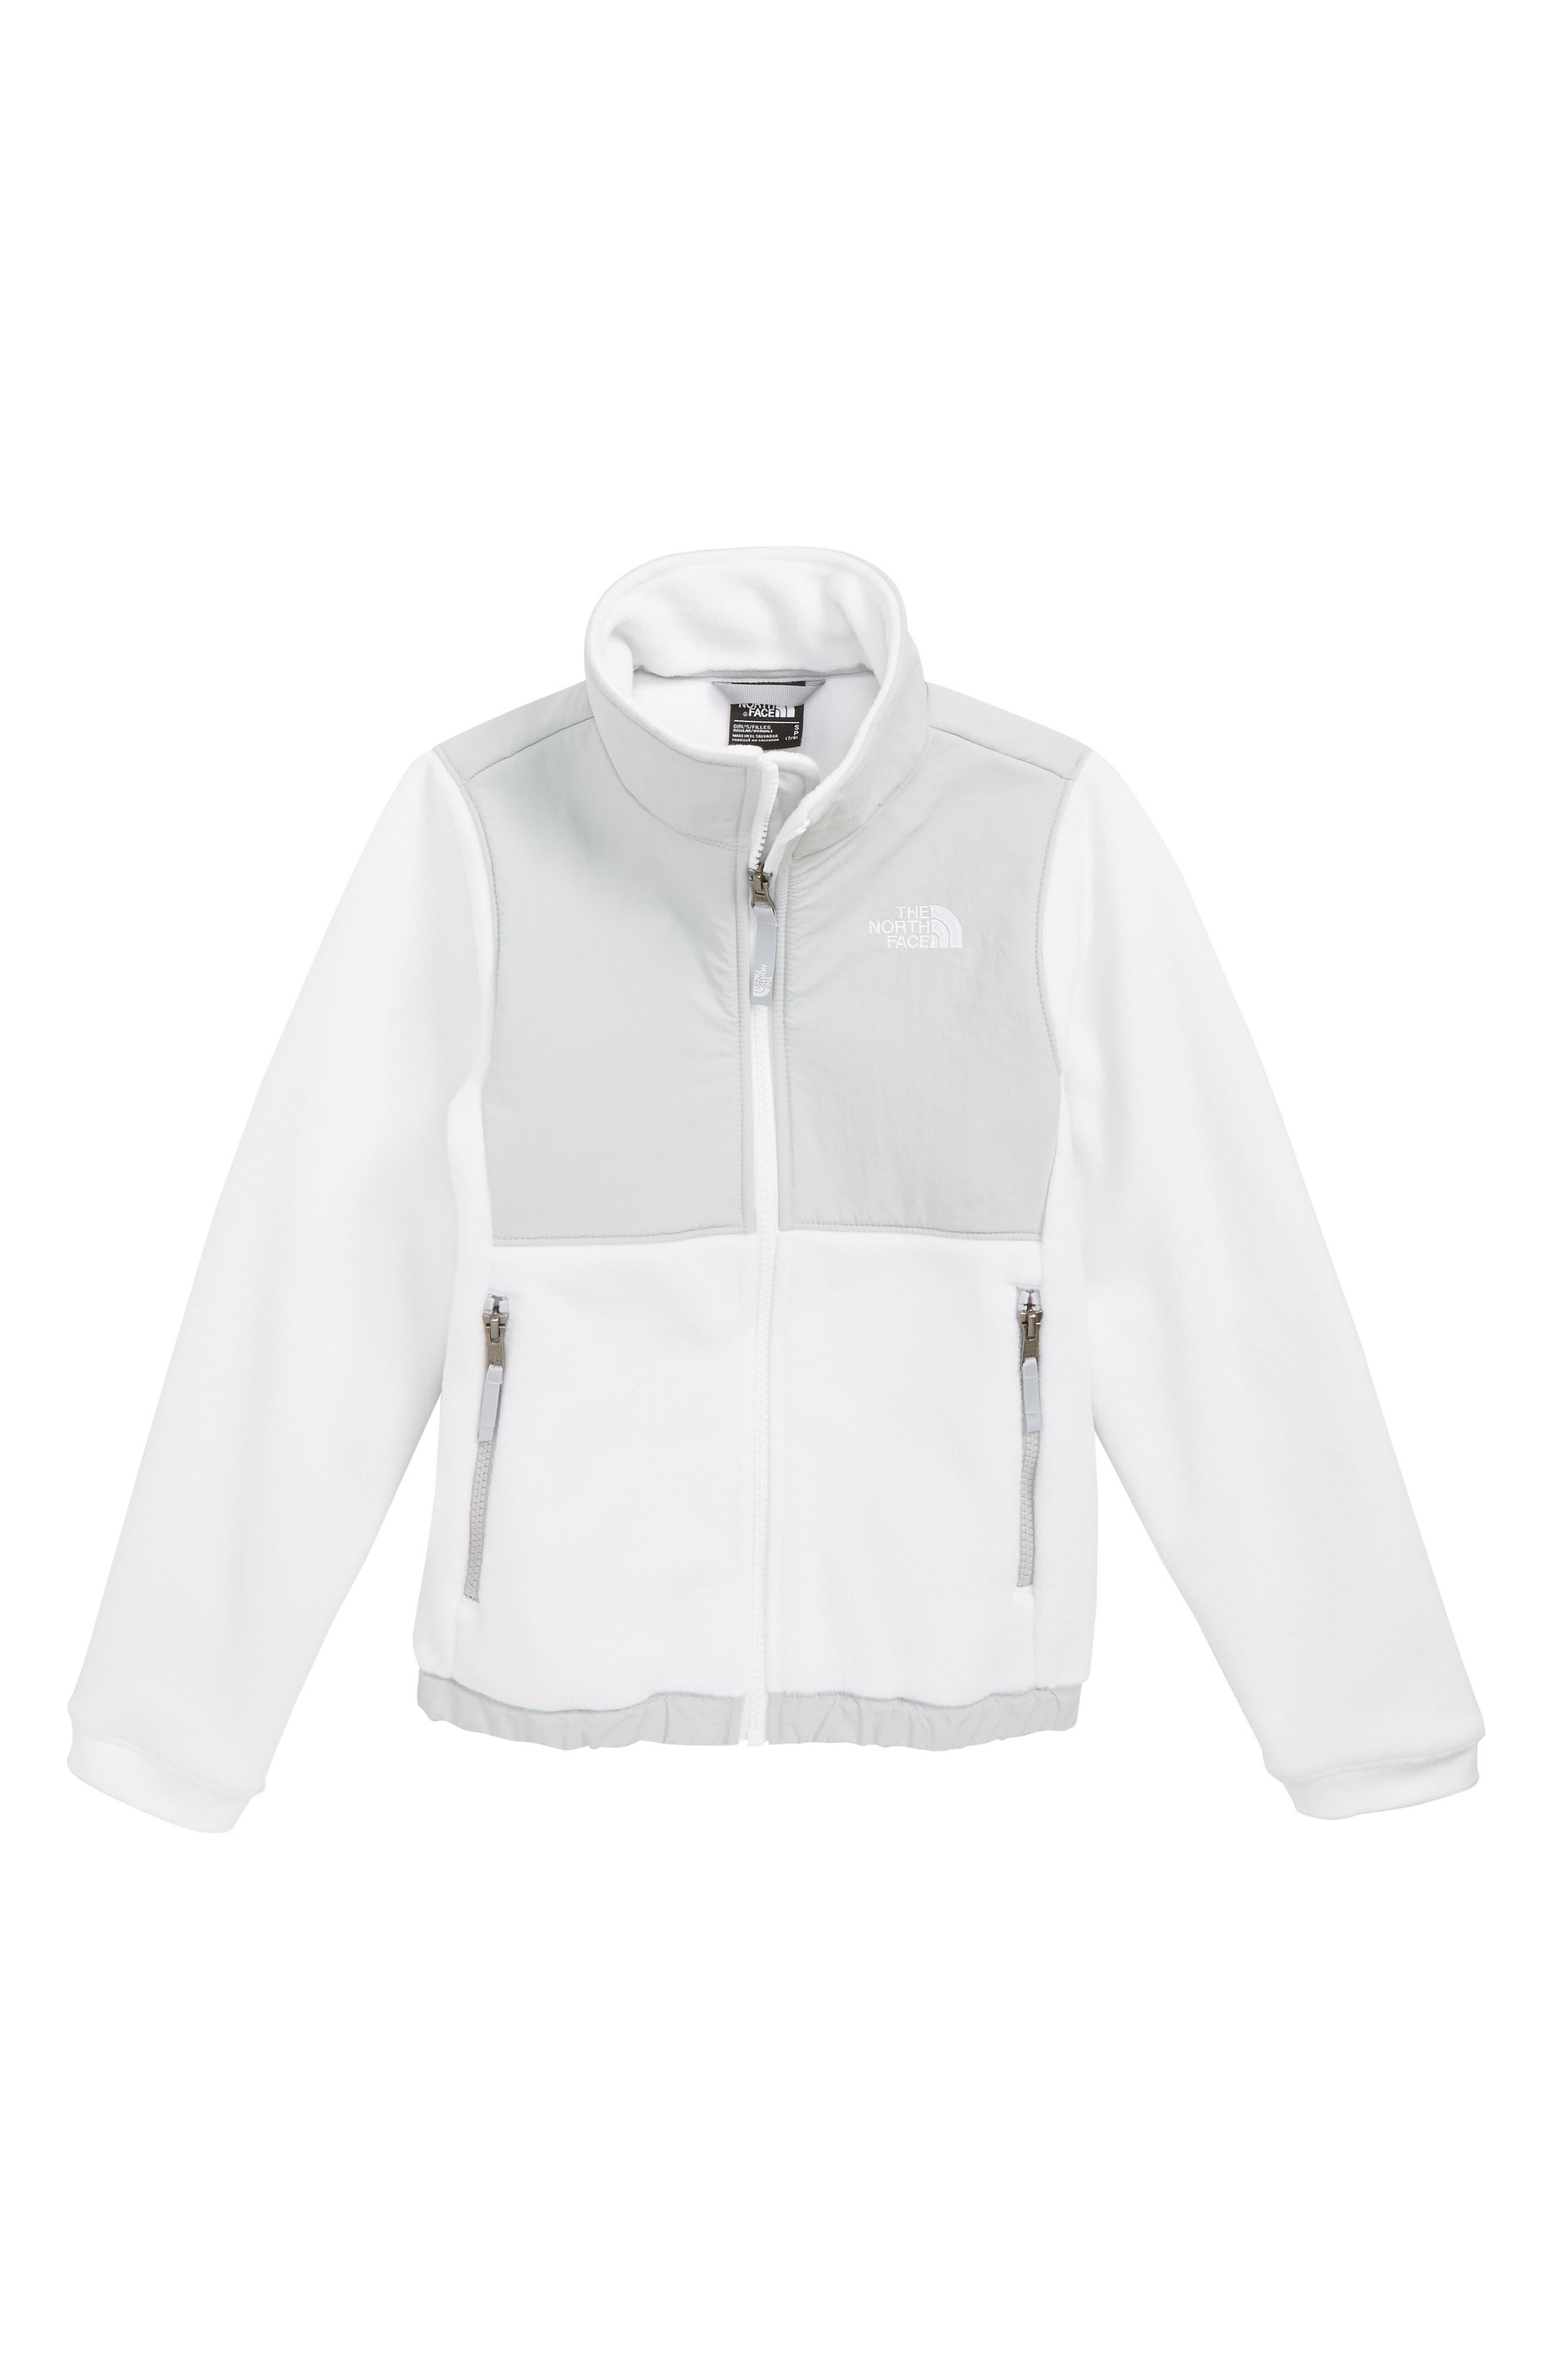 Denali Jacket,                         Main,                         color, 100